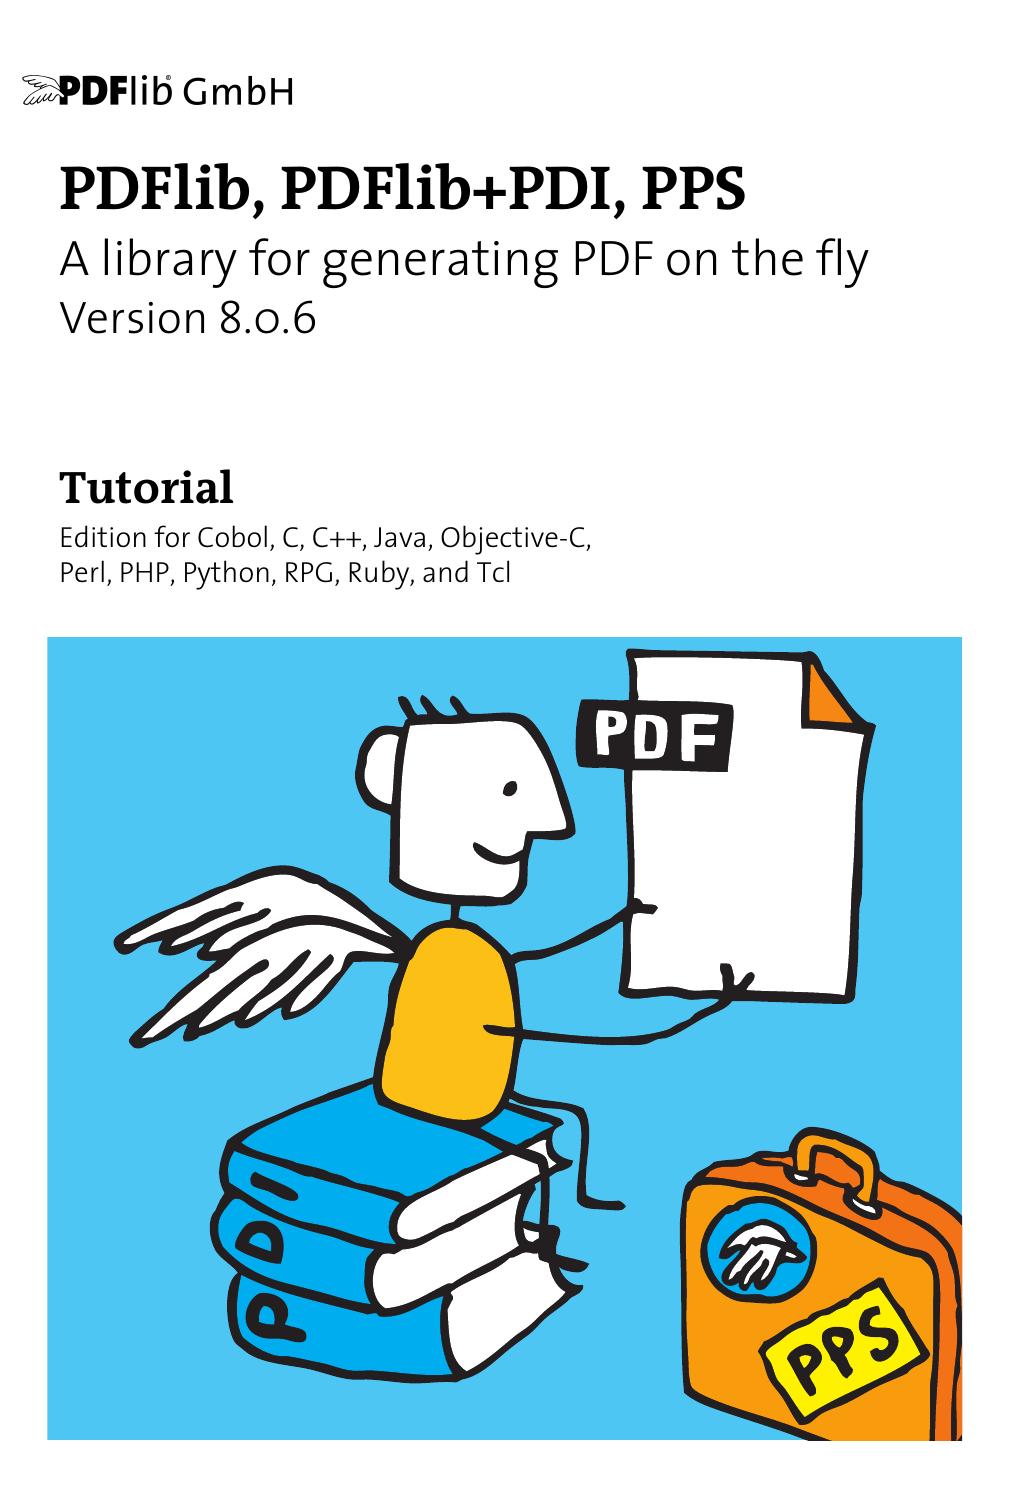 PDFlib 8 Tutorial